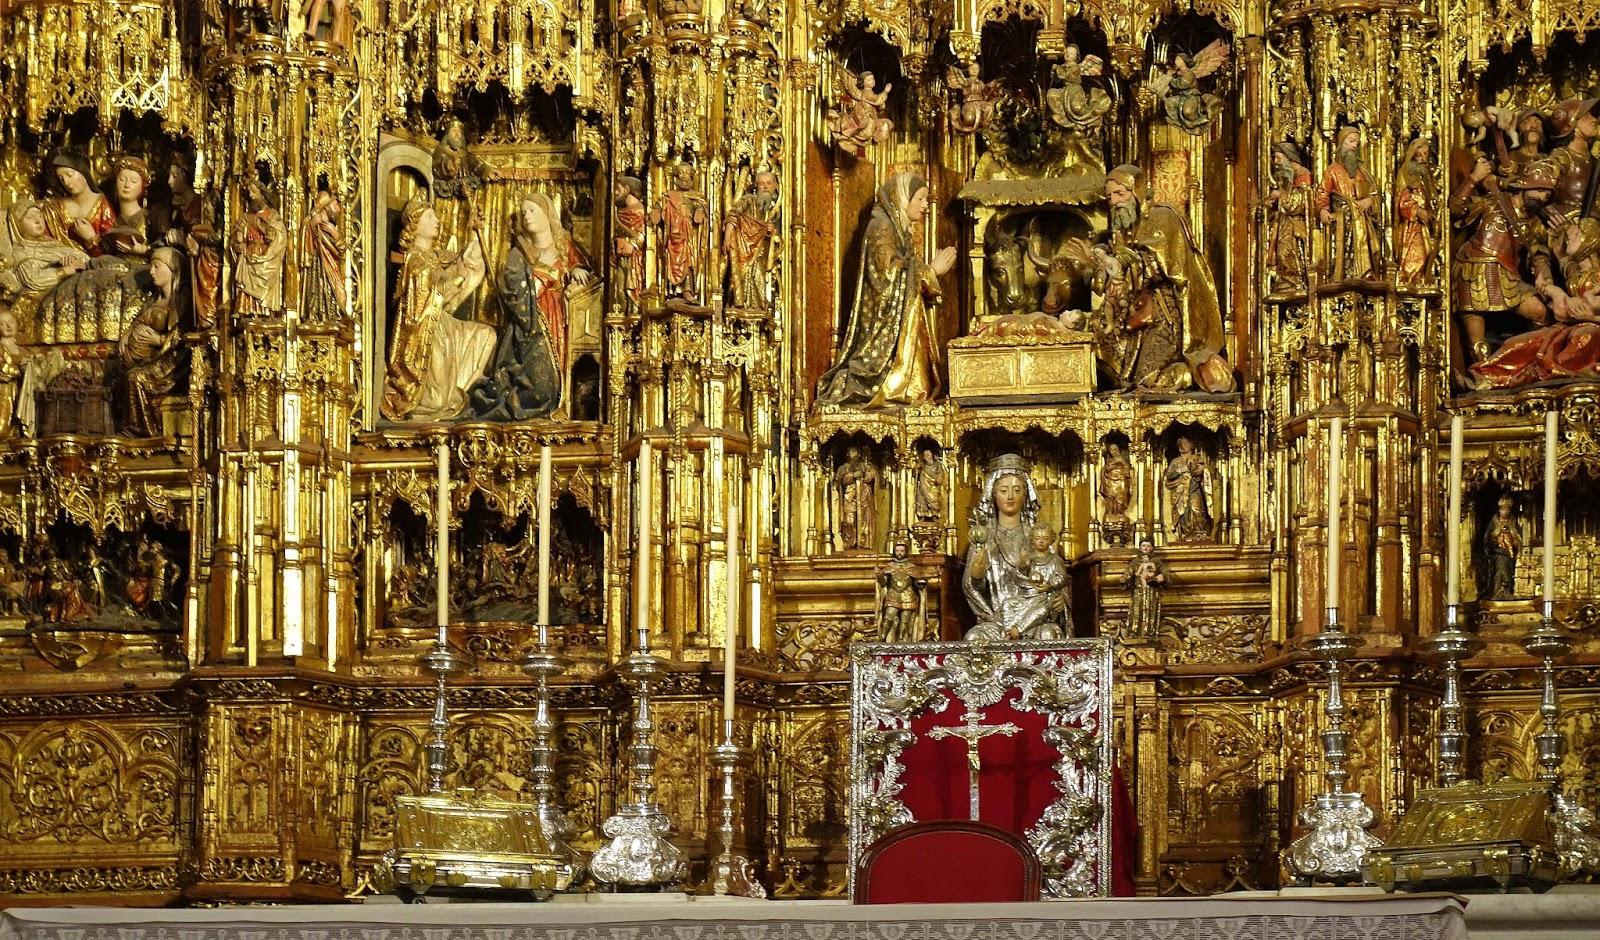 joe u0026 39 s retirement blog  seville cathedral  catedral de santa mar u00eda de la sede   seville